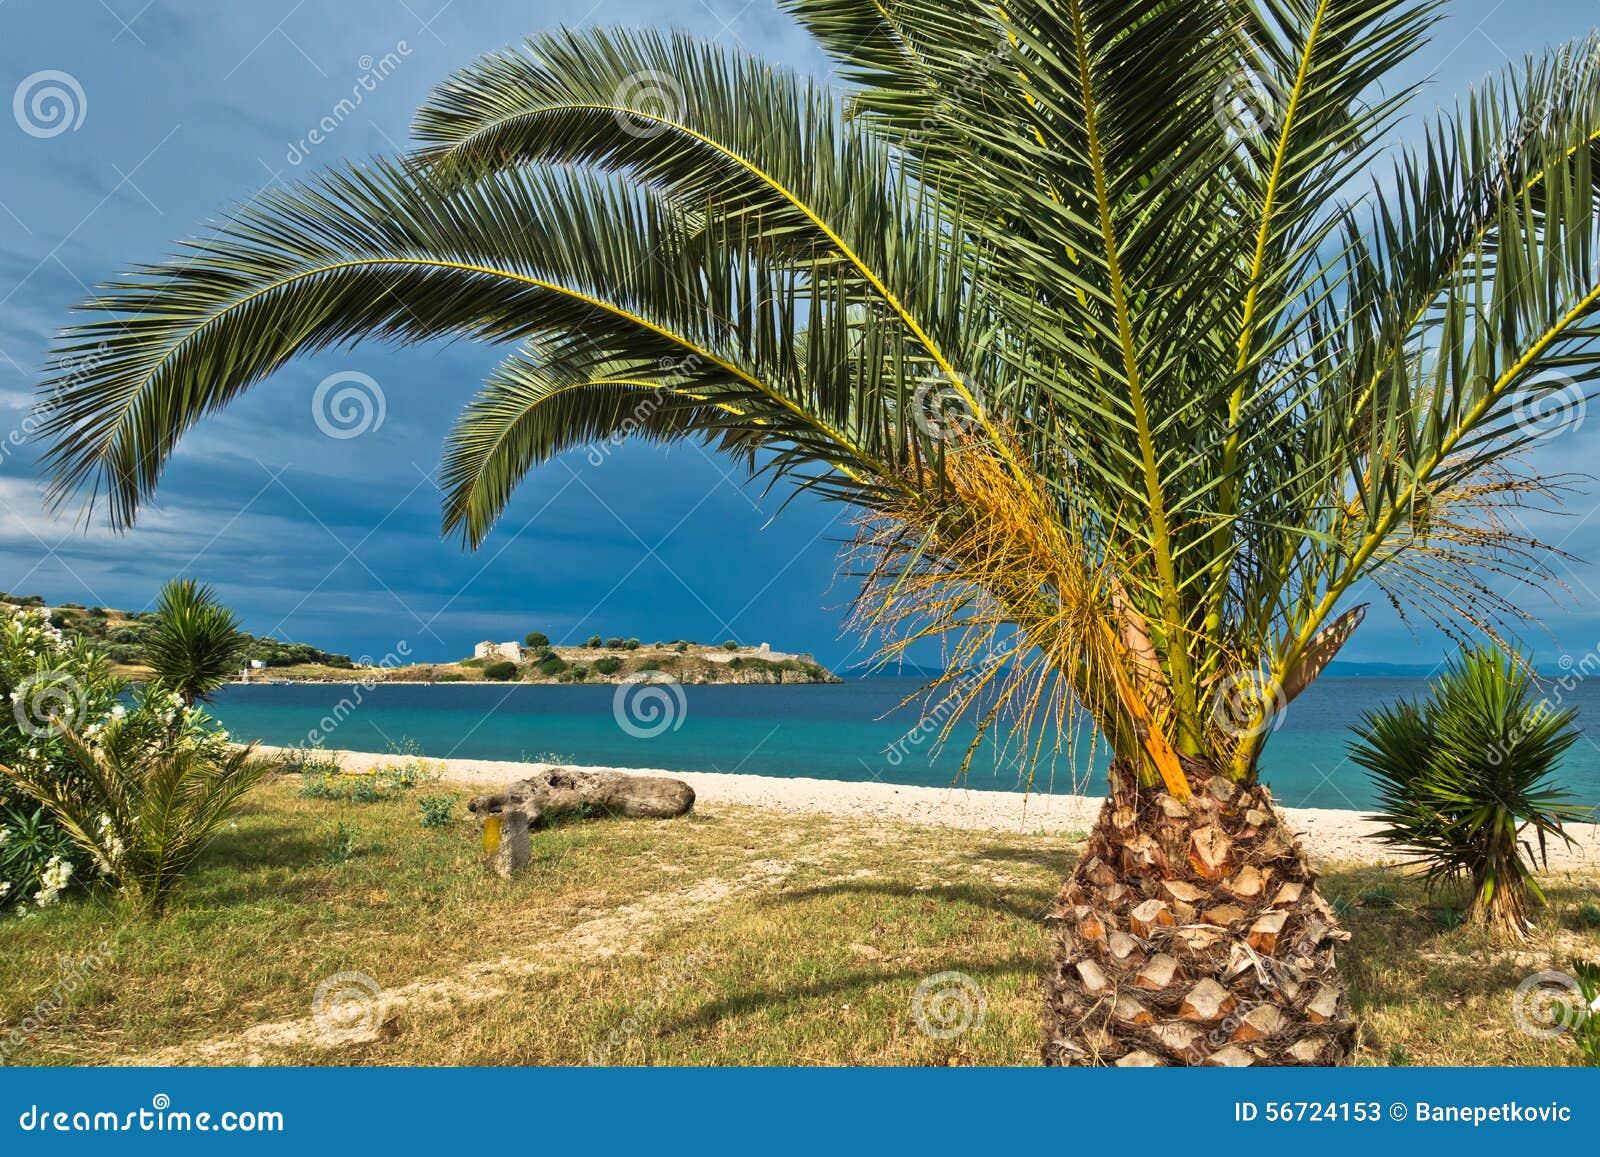 Drzewko palmowe na piaskowatej plaży, stary rzymski forteca w tle